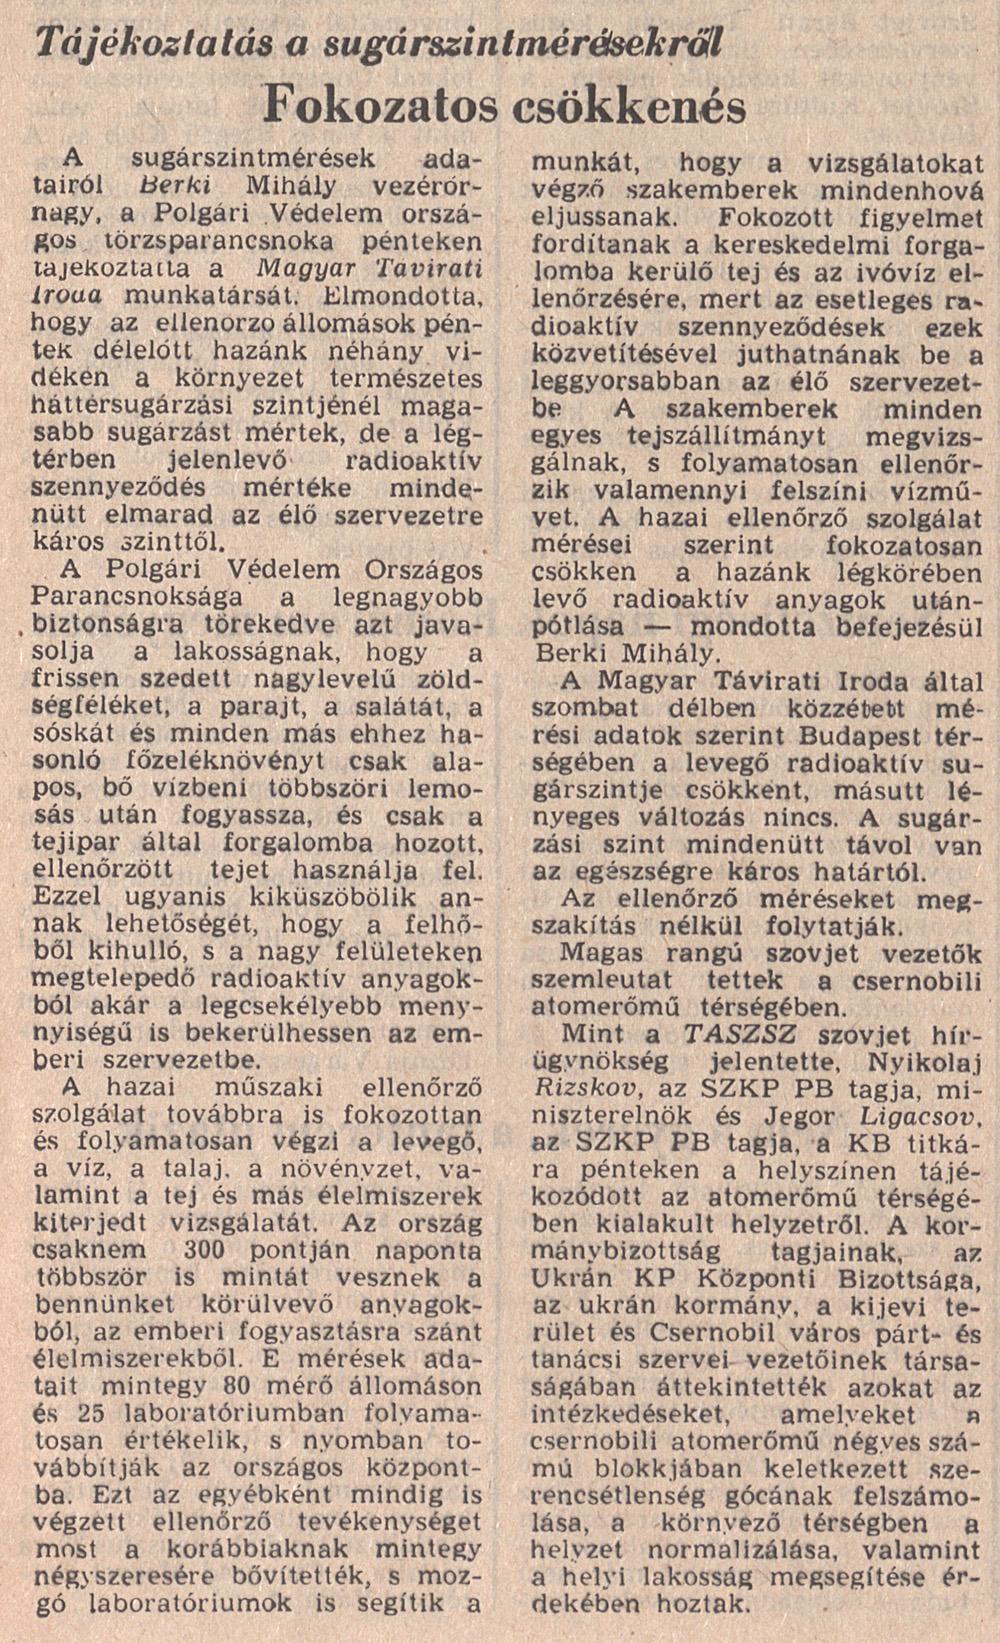 Magyar Nemzet 1986. május 4. 2. oldal. OSZK Törzsgyűjtemény